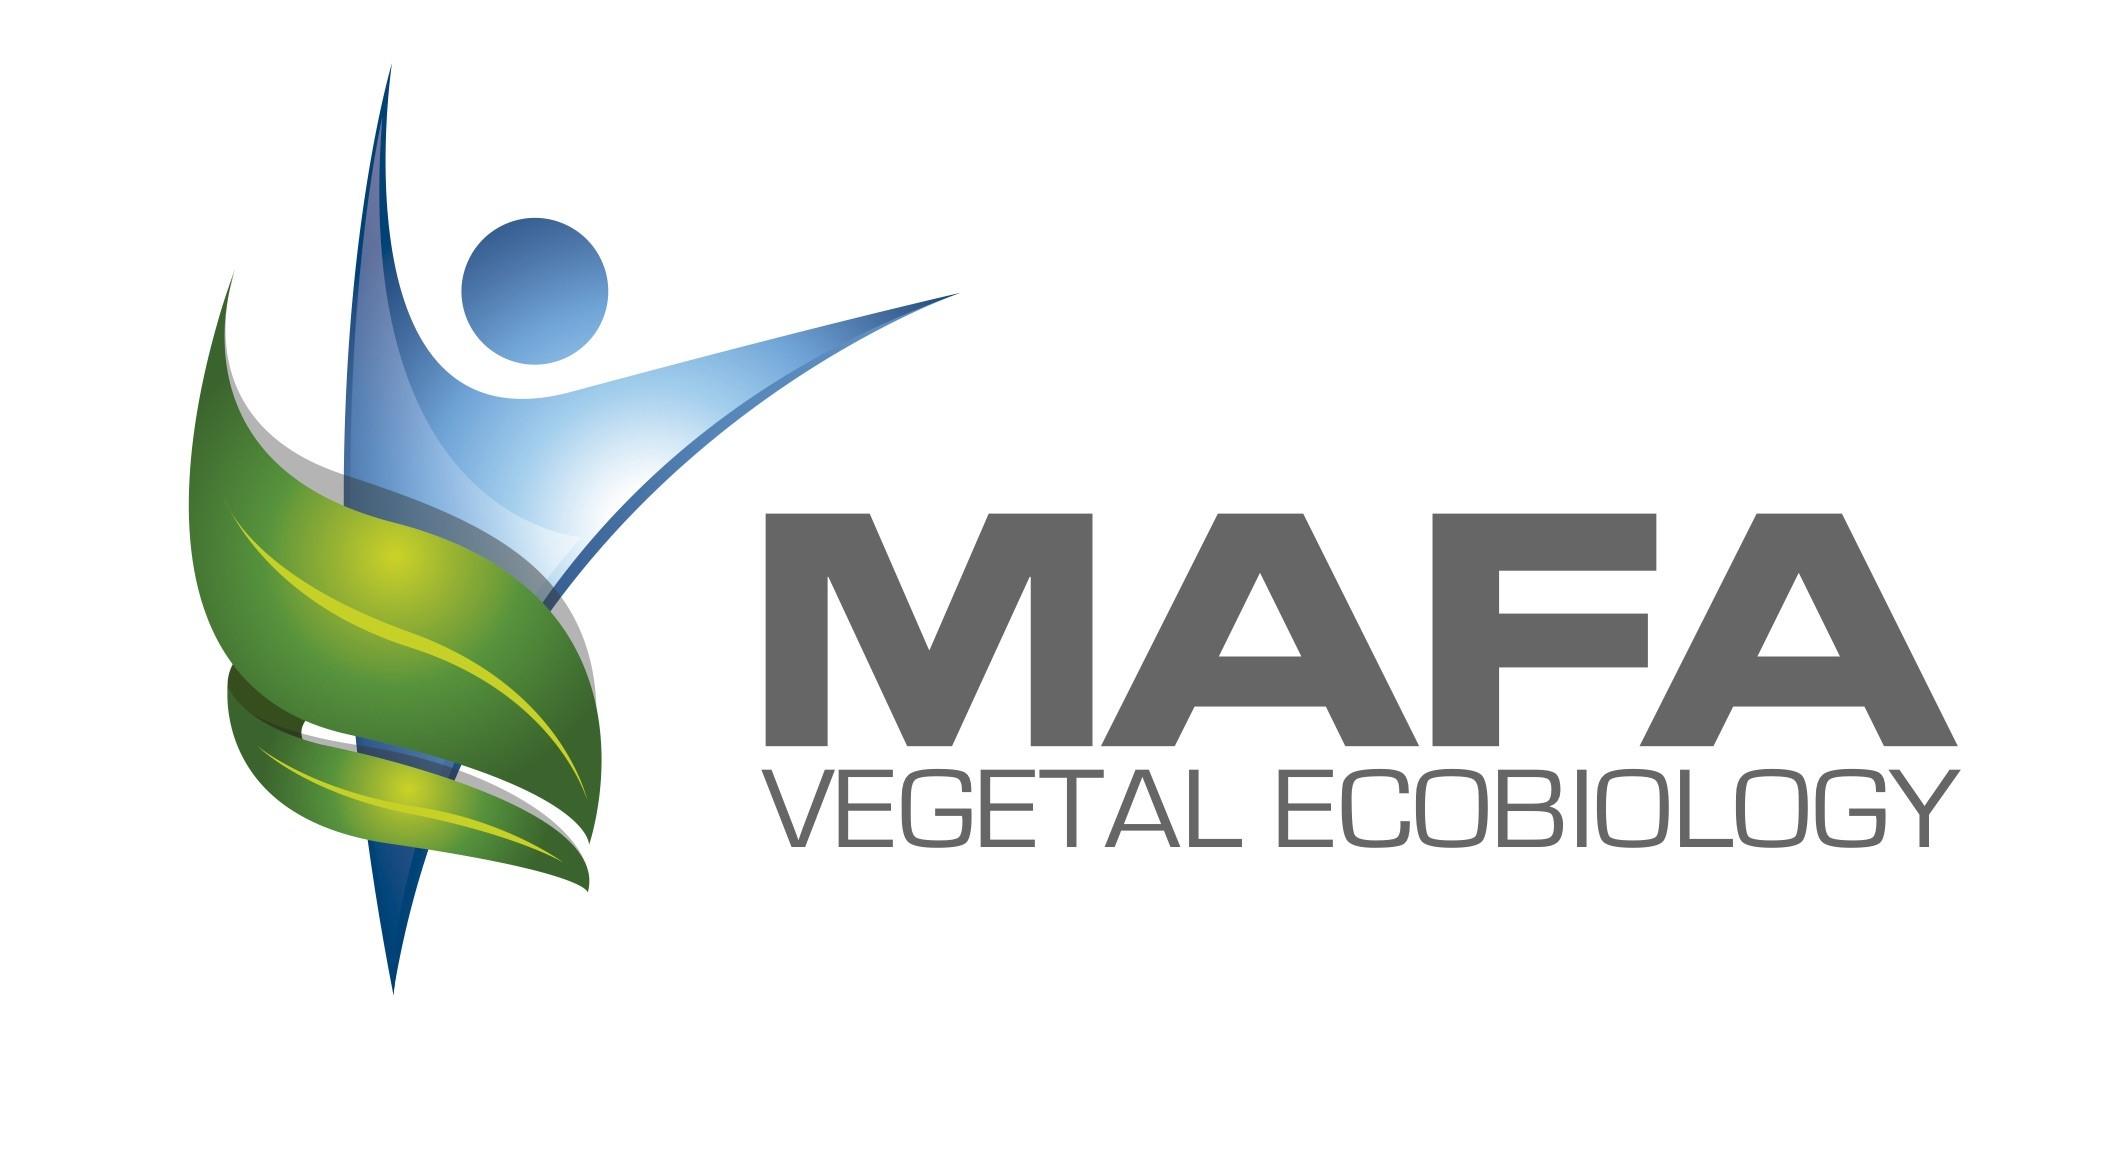 MAFA BIOSCIENCE S.A.